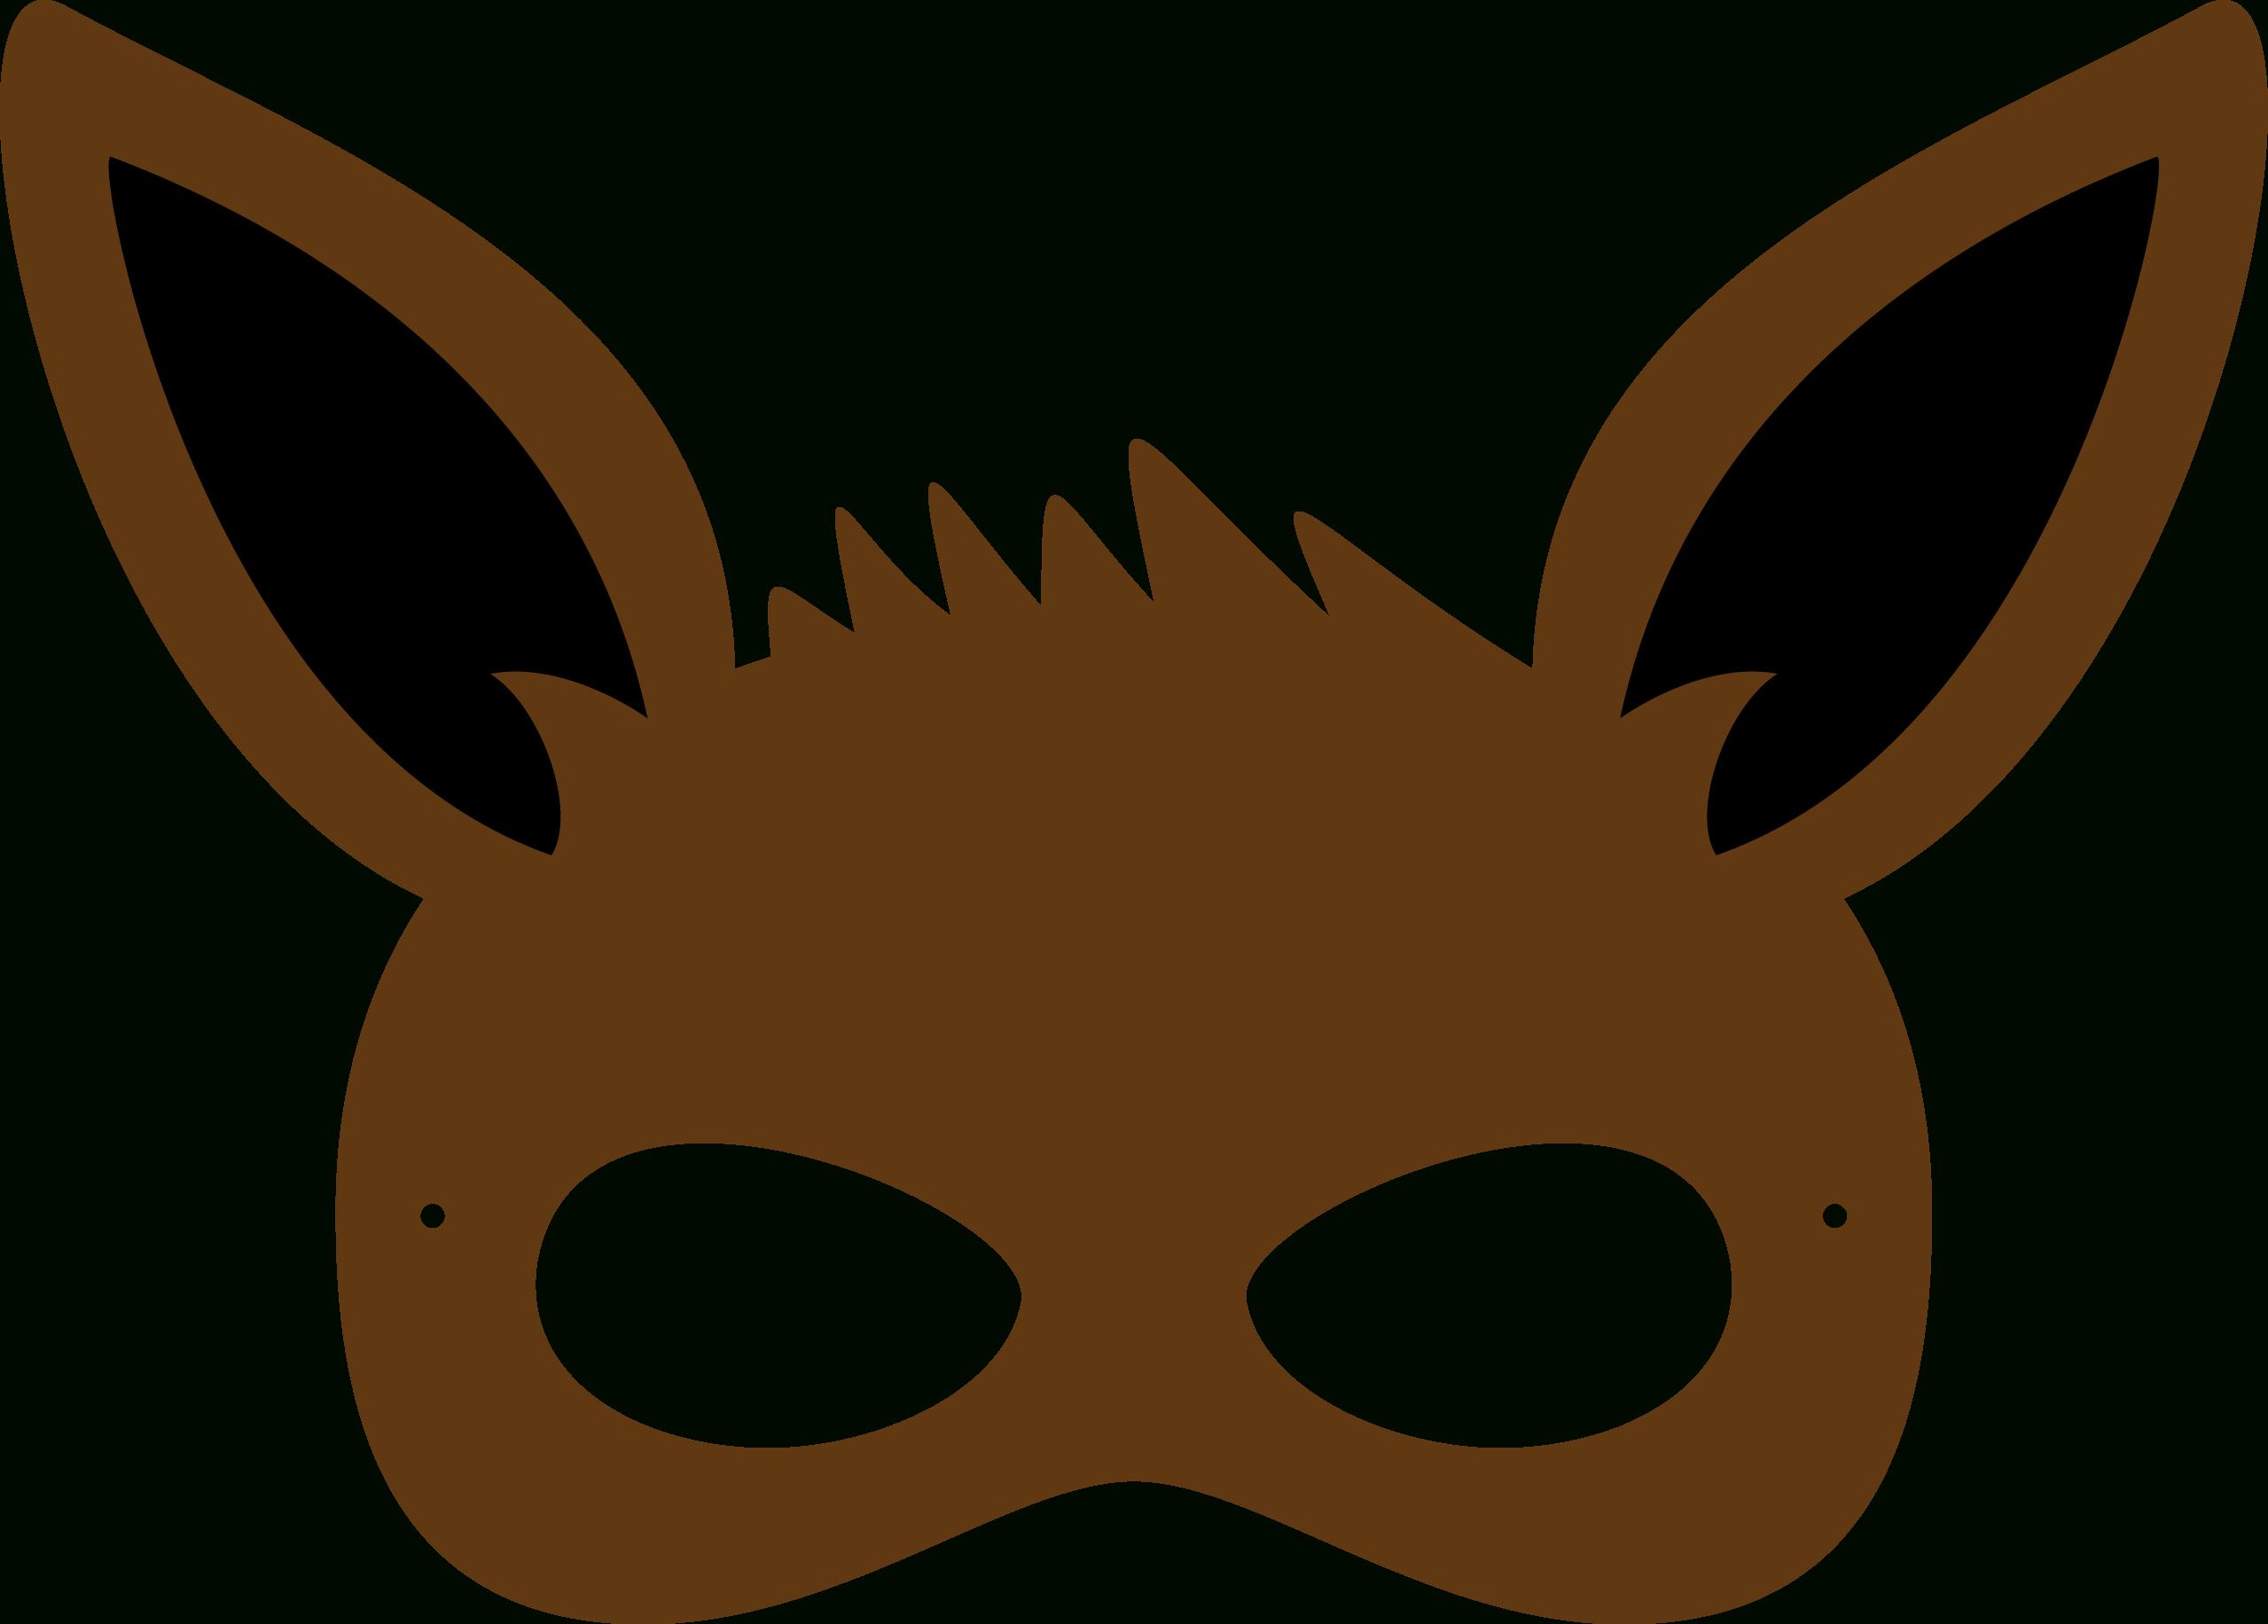 Pincrafty Annabelle On Pokemon Printables | Pinterest | Pokemon - Free Printable Pokemon Masks